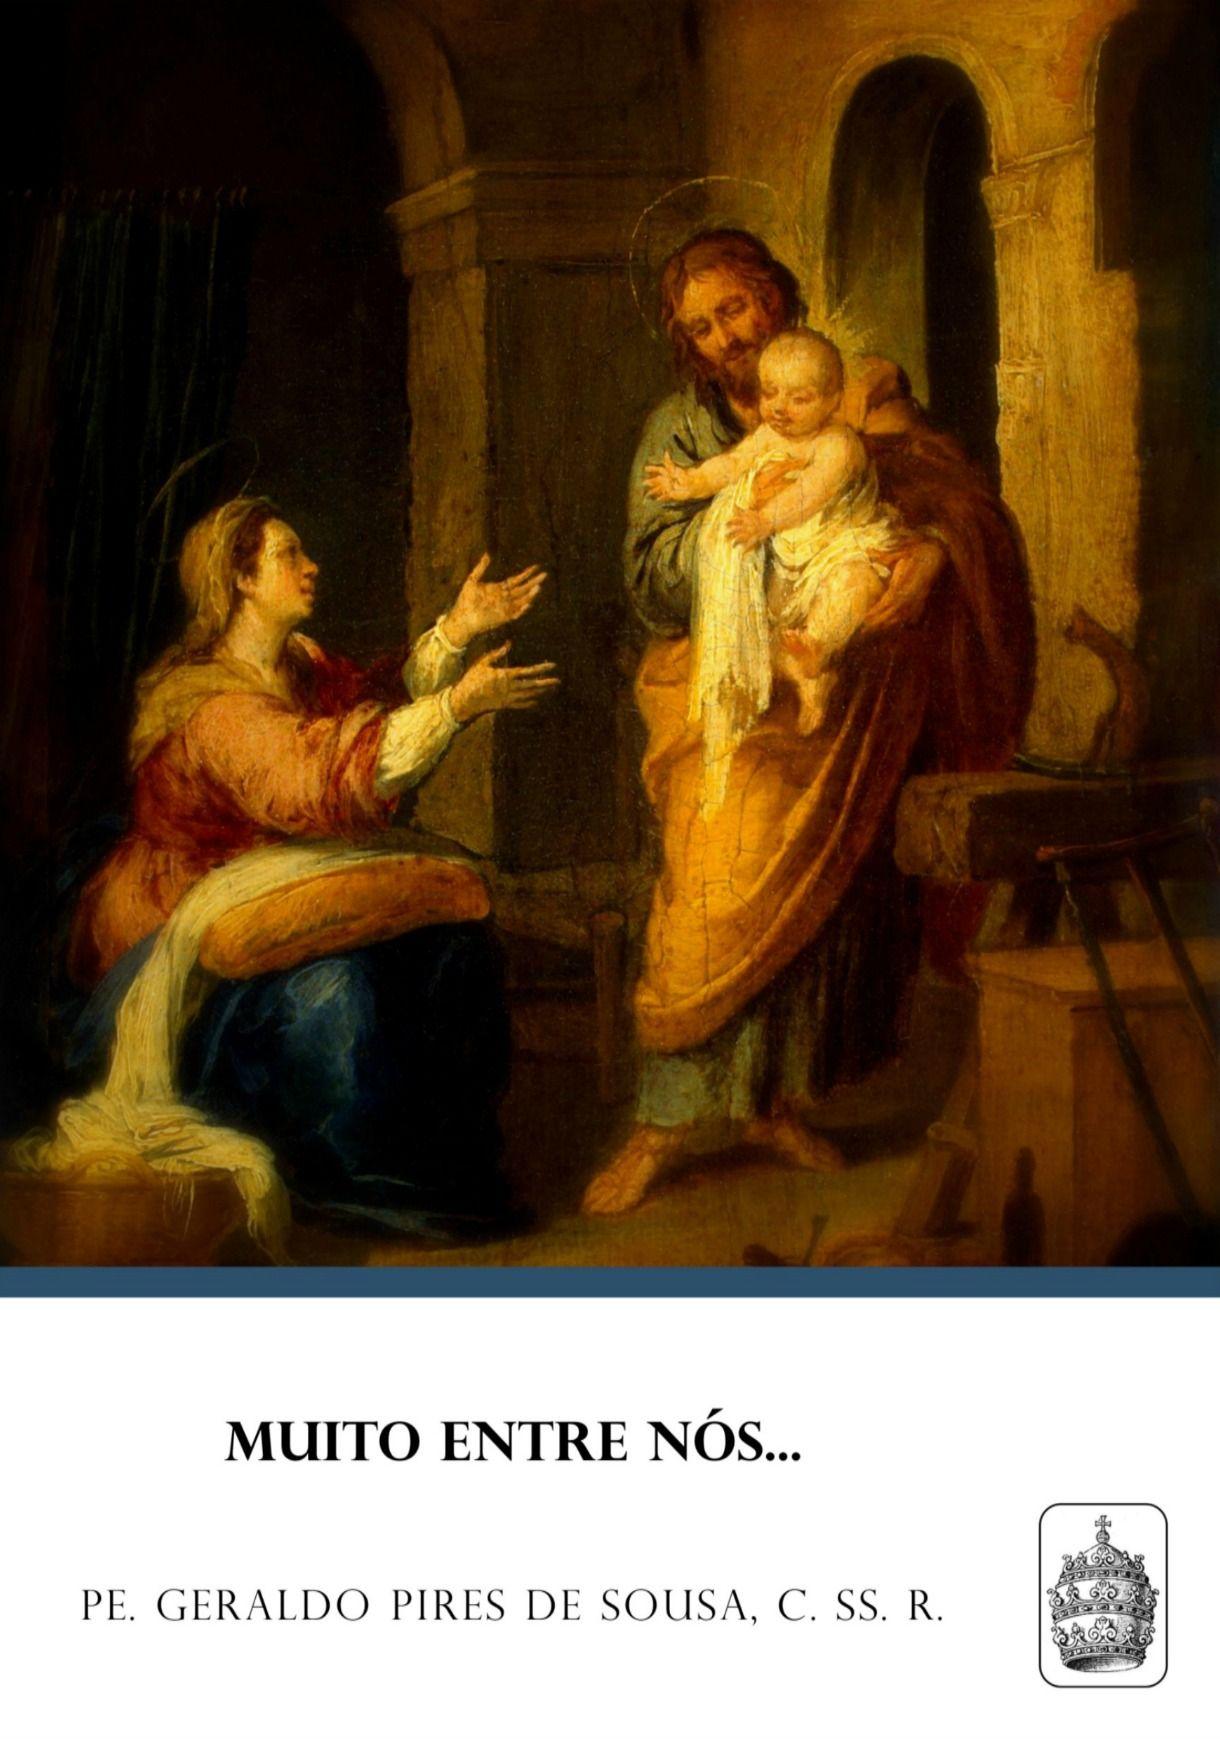 Muito entre nós... - Rev. Pe. Geraldo Pires de Sousa  - Livraria Santa Cruz